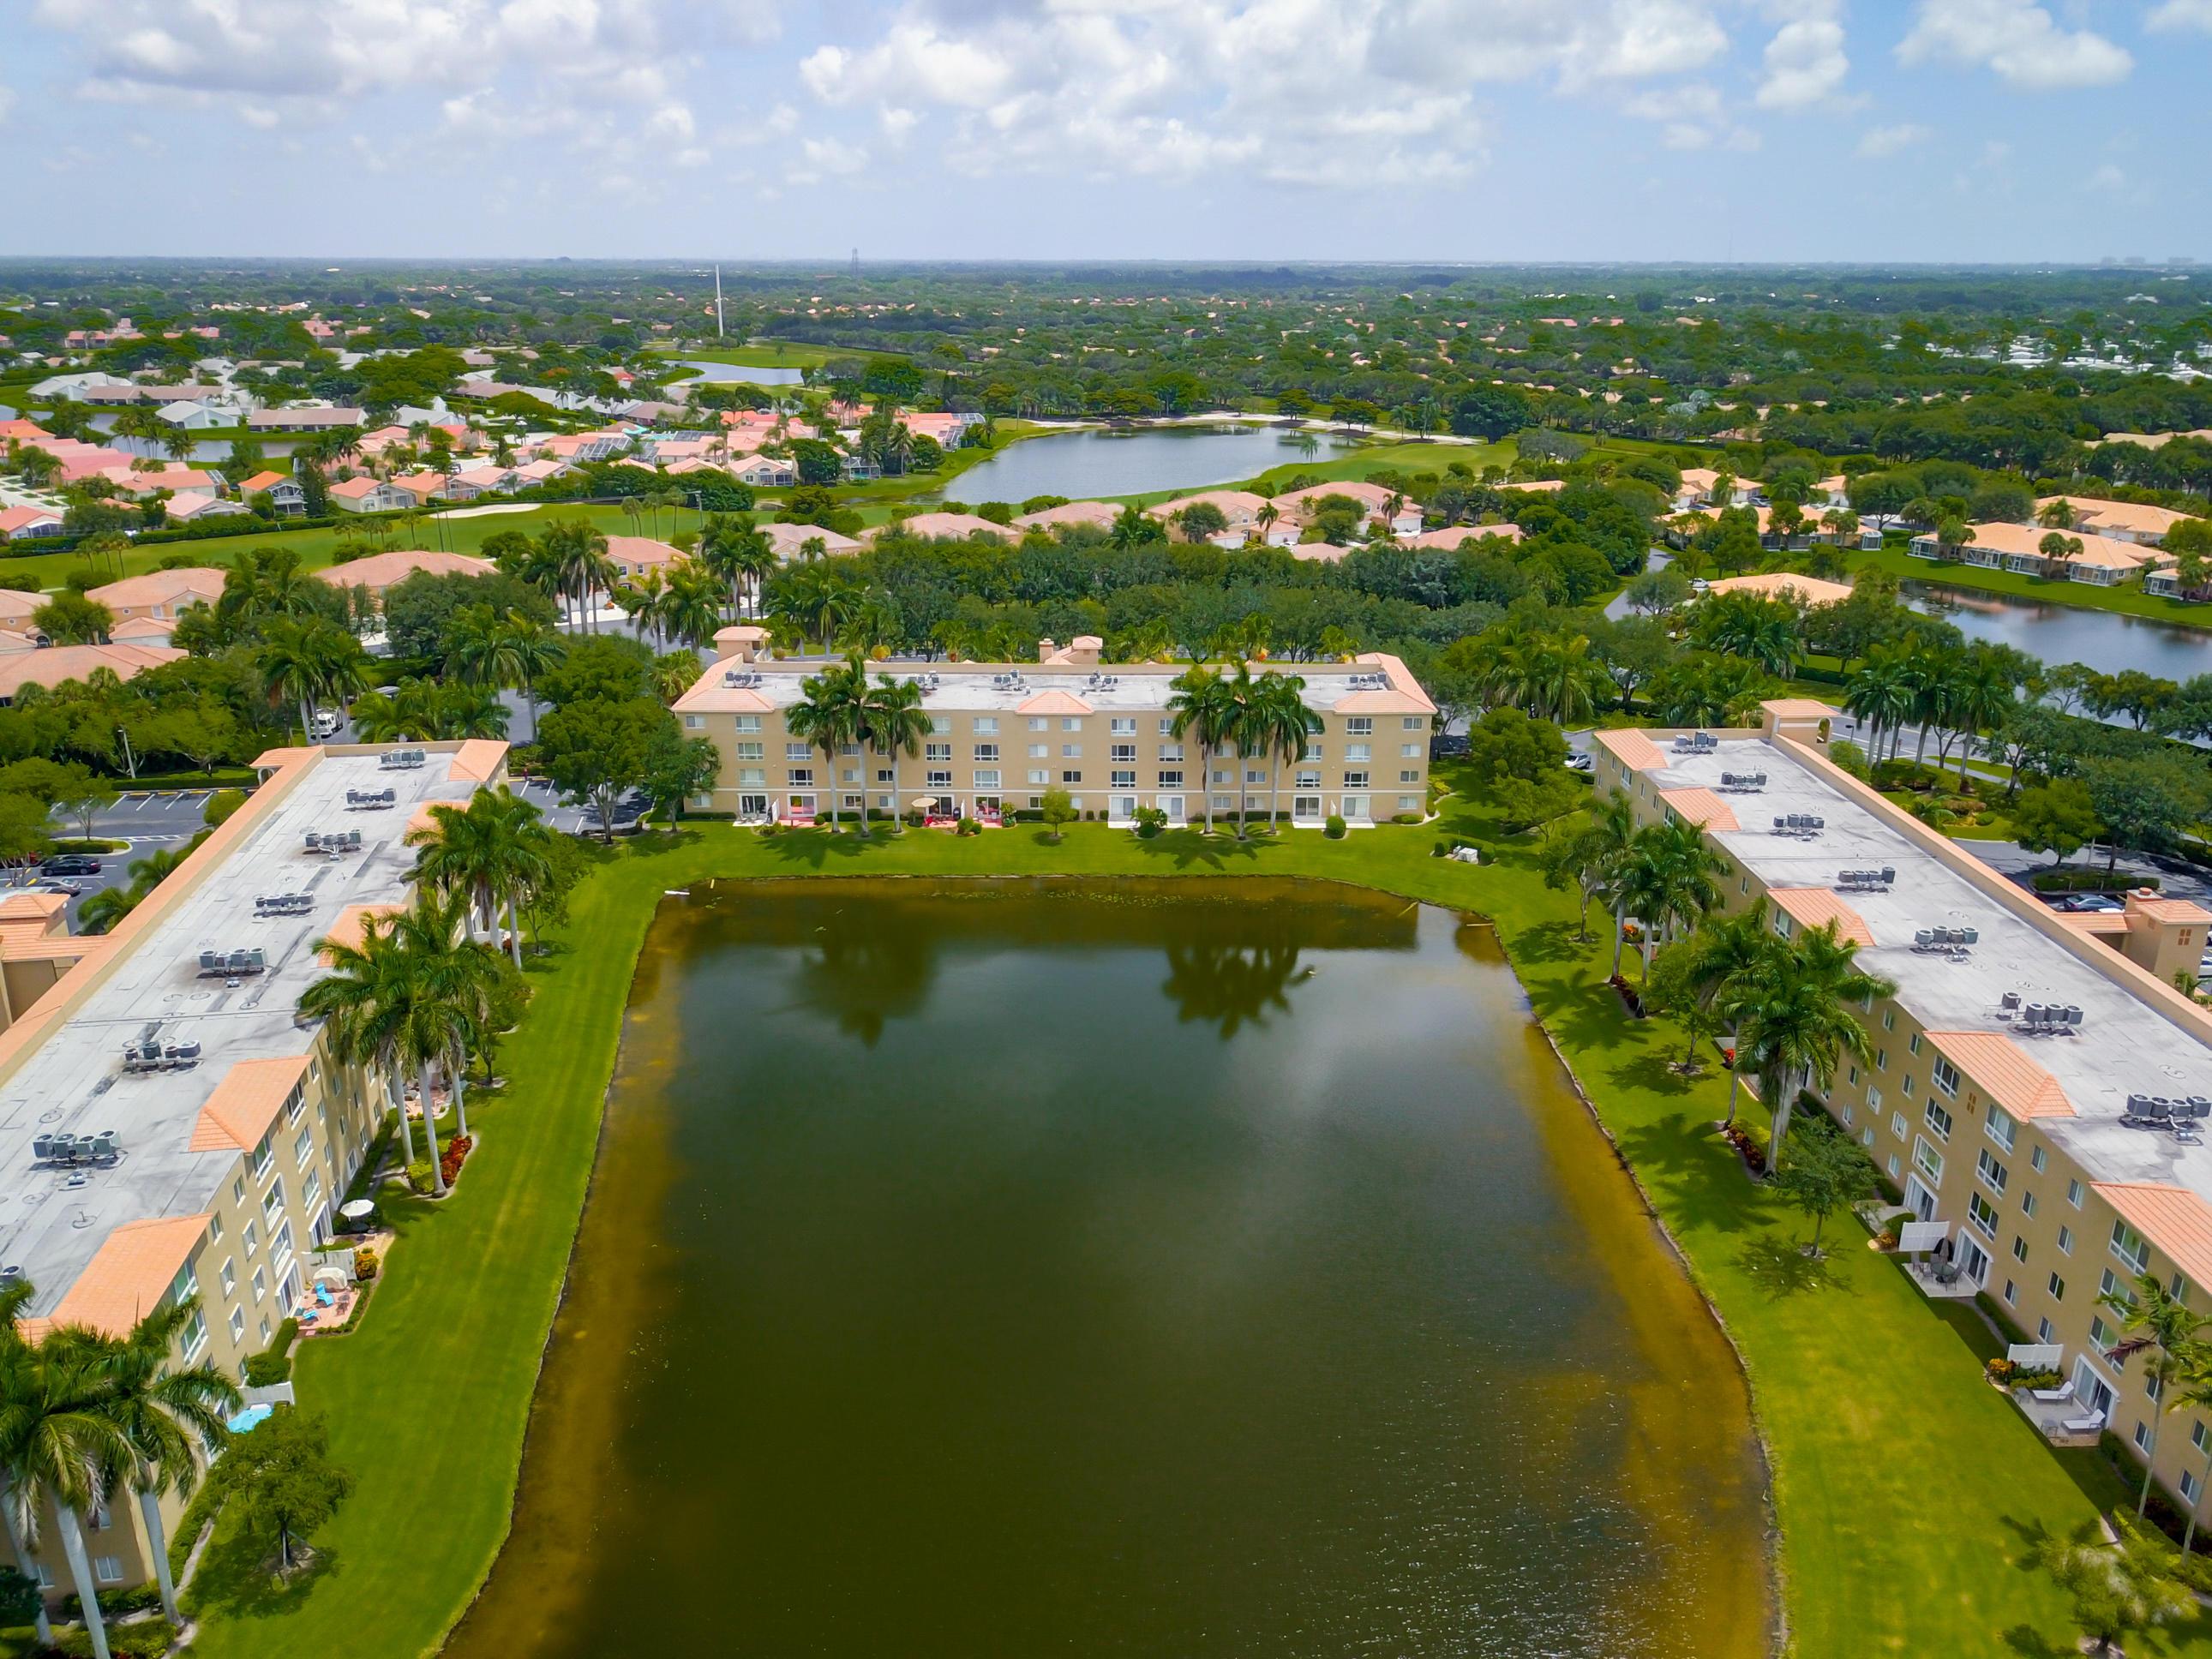 12547 Imperial Isle Drive 402 Boynton Beach, FL 33437 photo 33